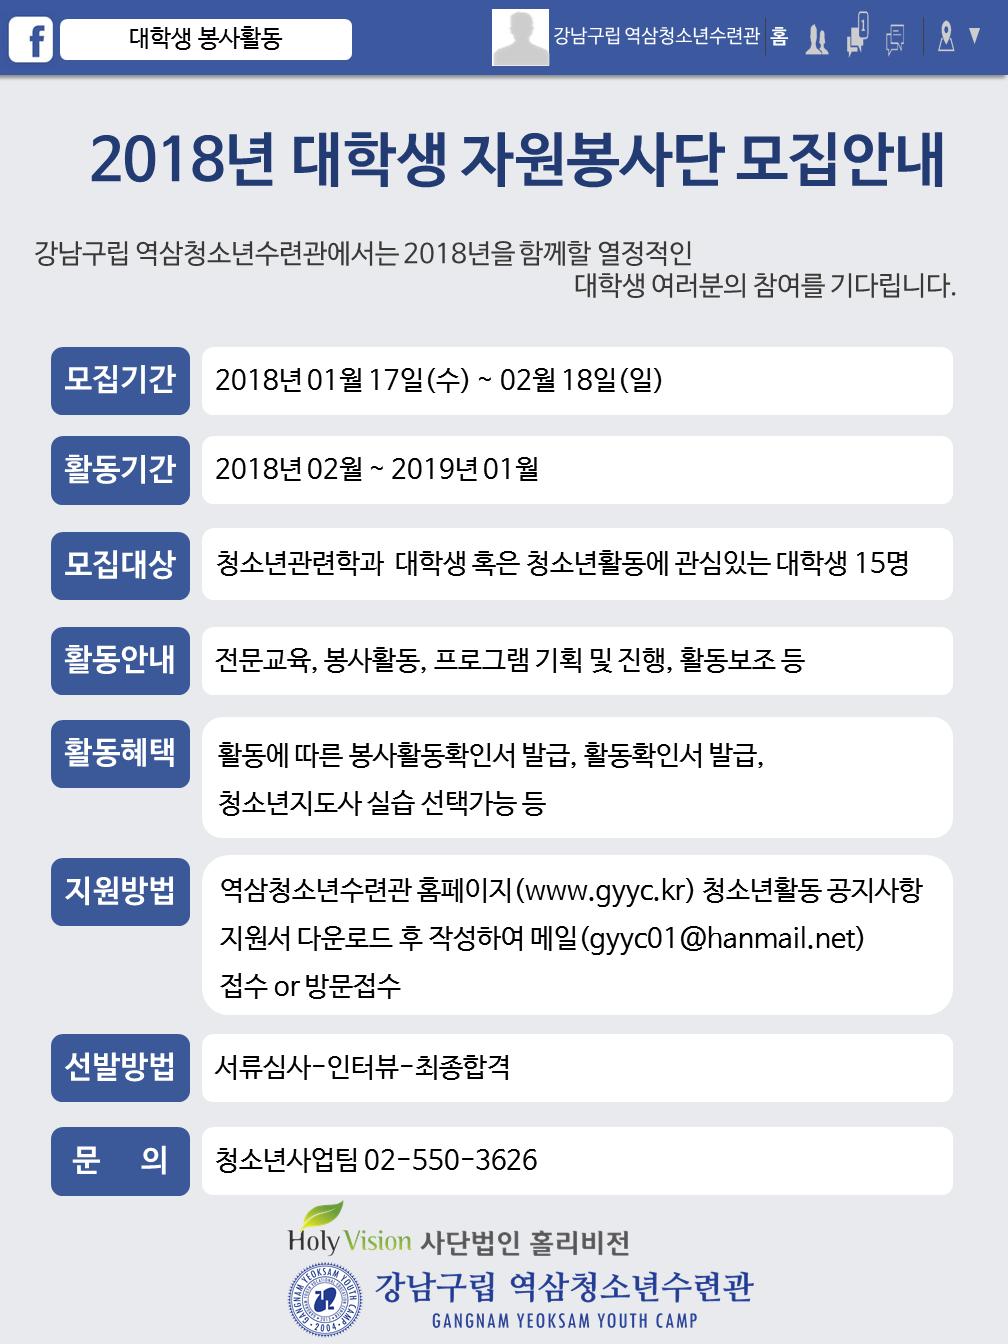 [강남구립역삼청소년수련관] 대학생 자원봉사단 모집